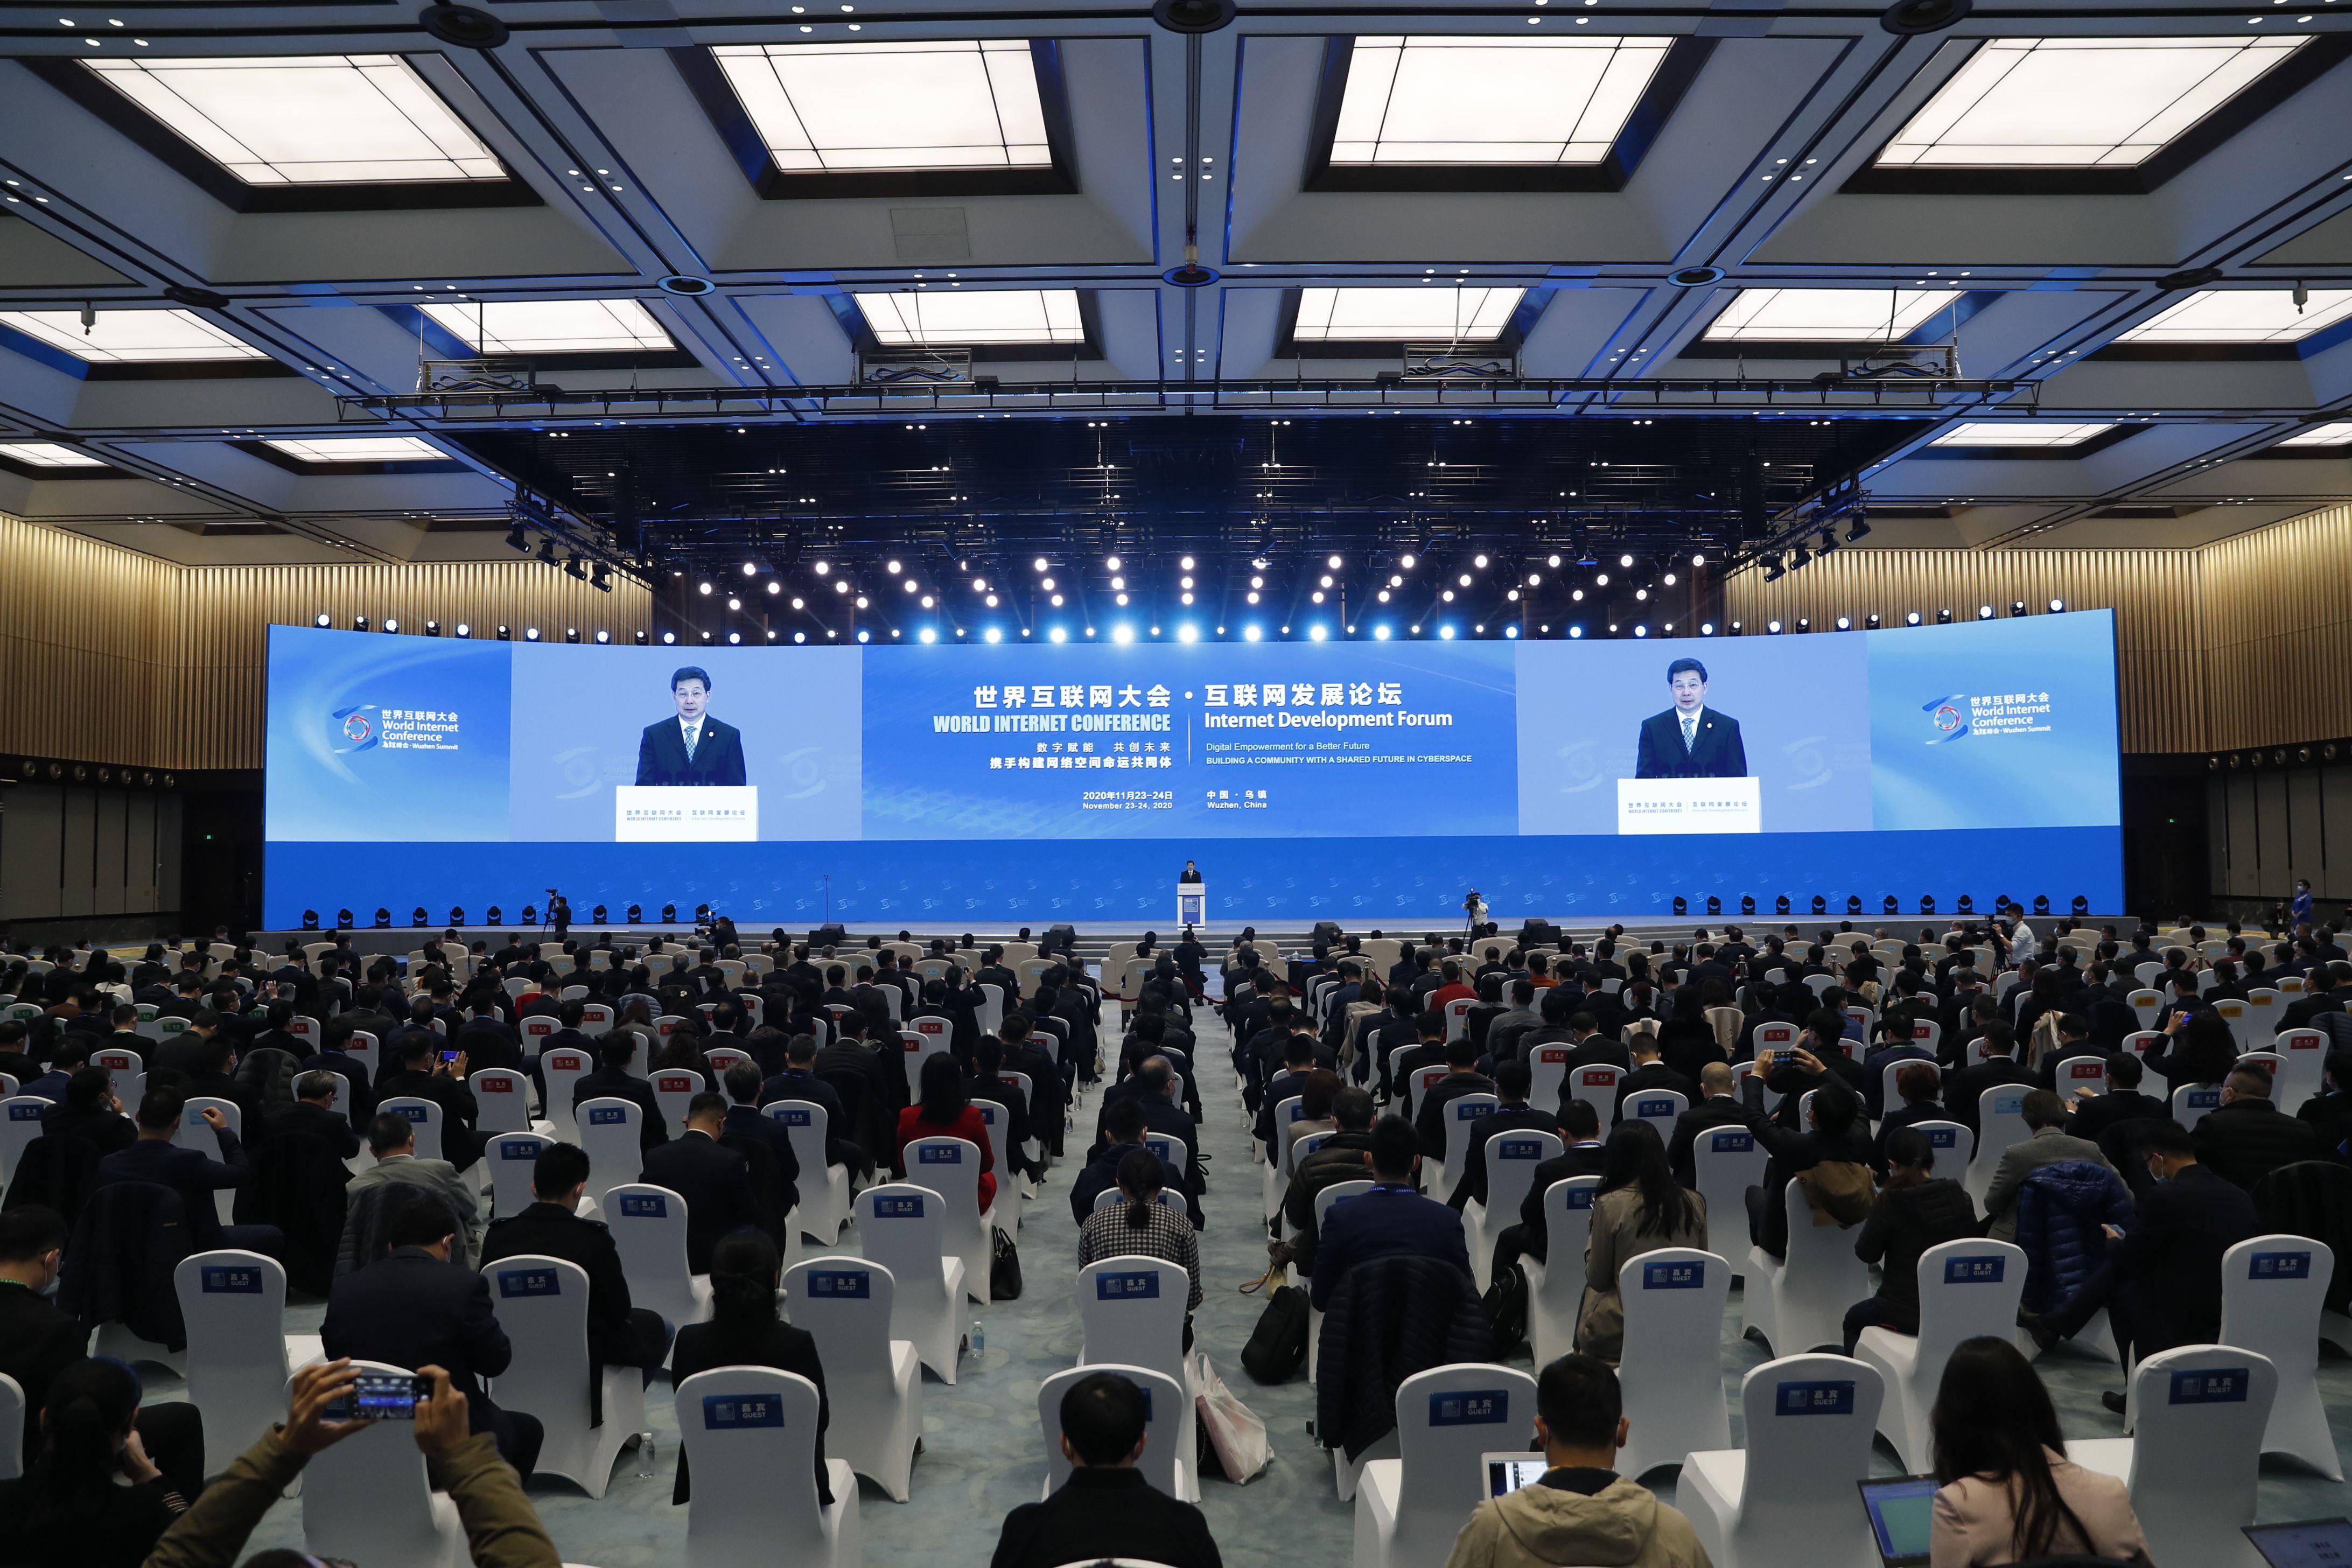 世界互联网大会·互联网发展论坛在乌镇开幕